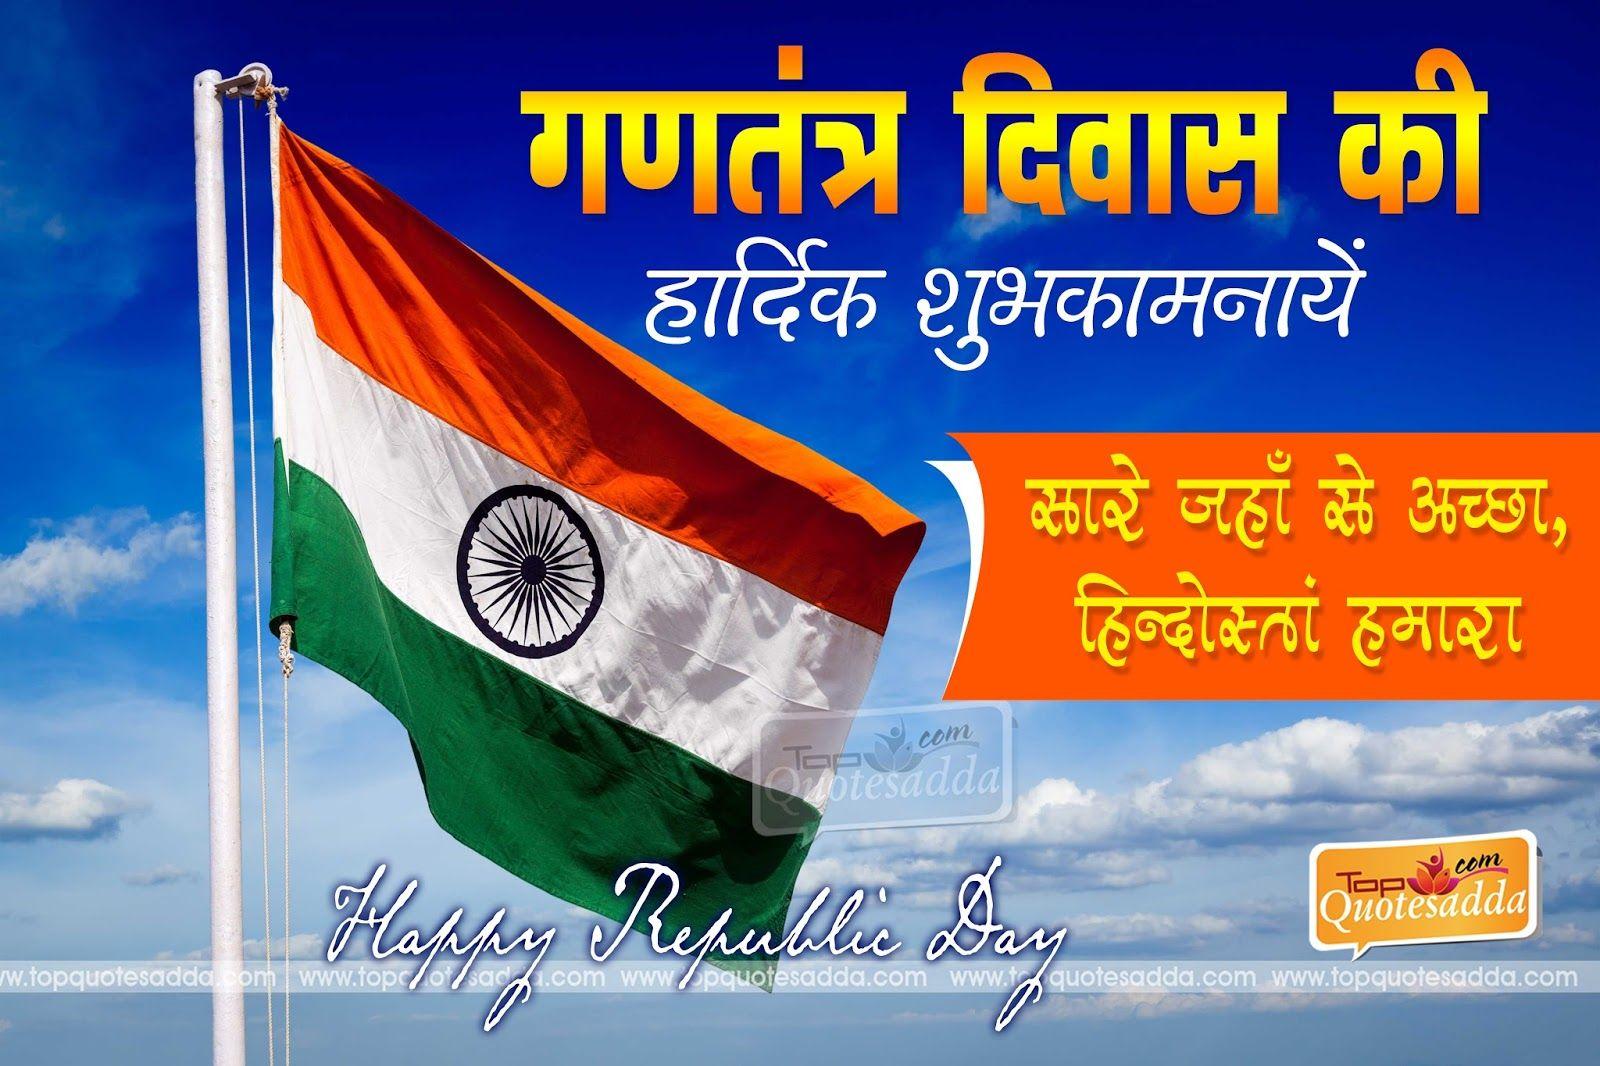 Topquotesadda Telugu Quotes Hindi Quotes Tamil Bengali Quotes Happy Republic Day Hindi Shayari Republic Day Independence Day Quotes Happy Republic Day